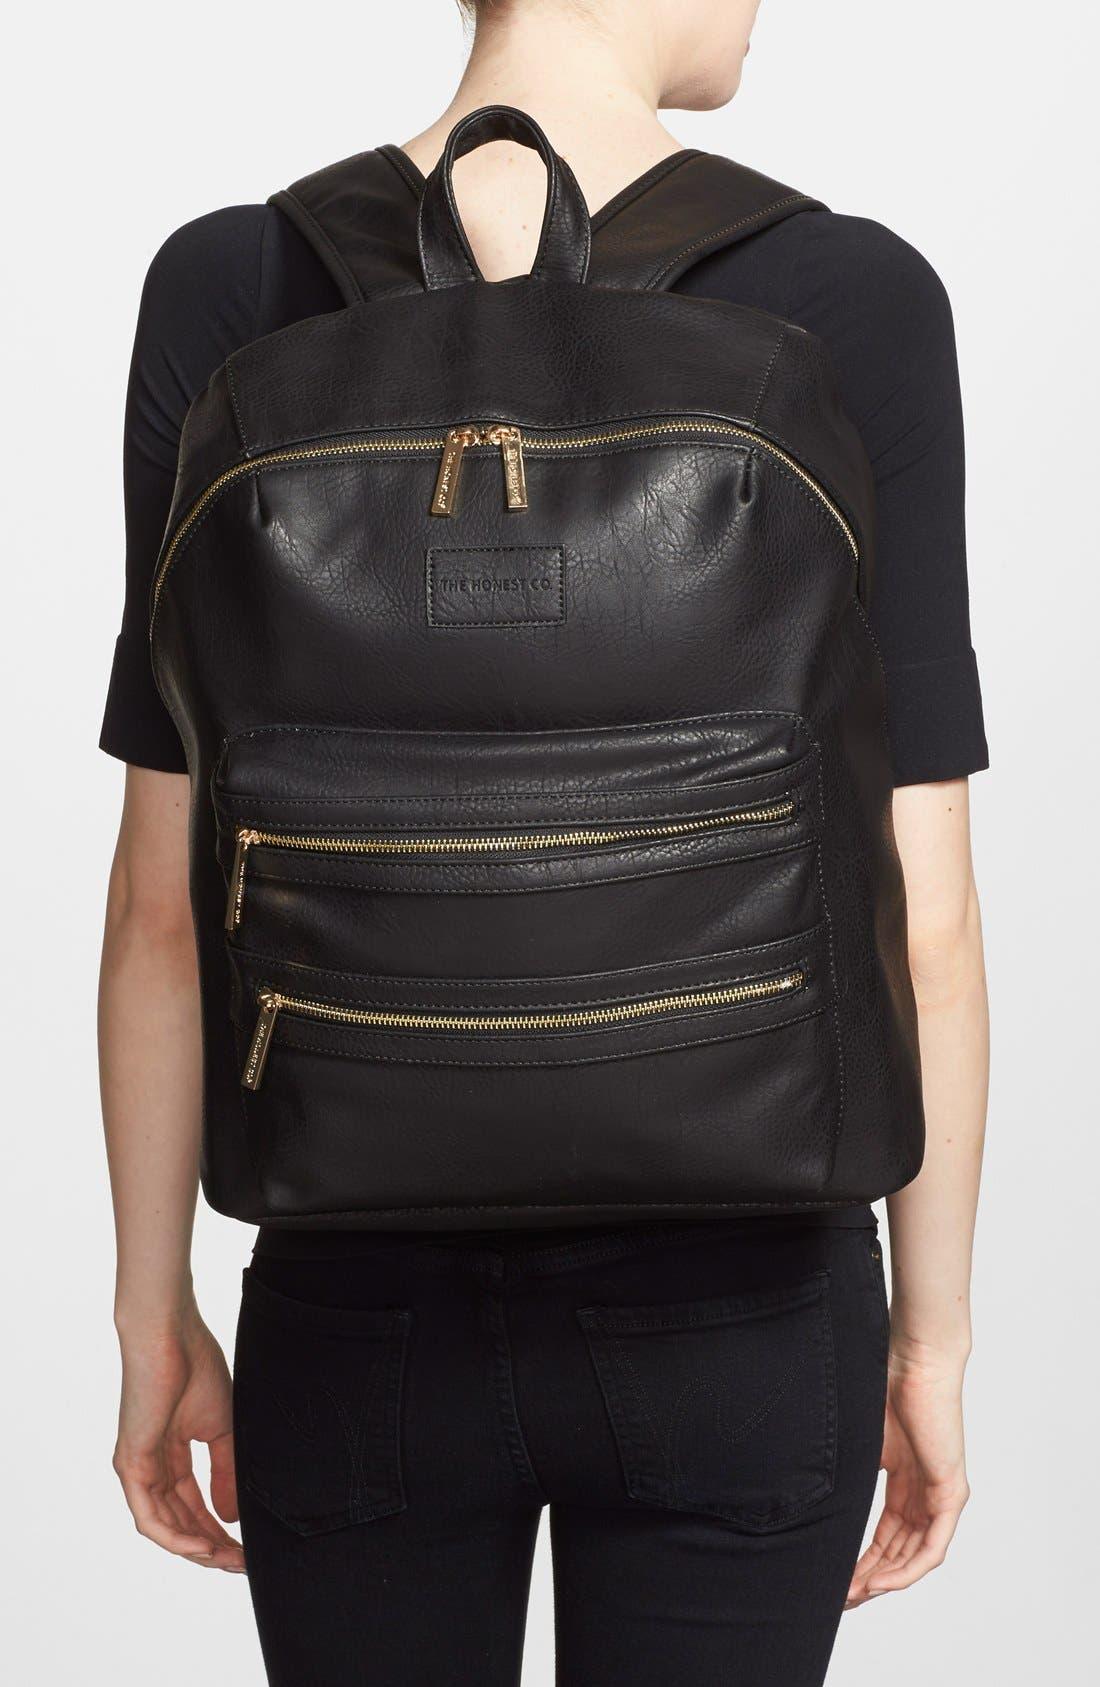 0597f104bebf Diaper Bags